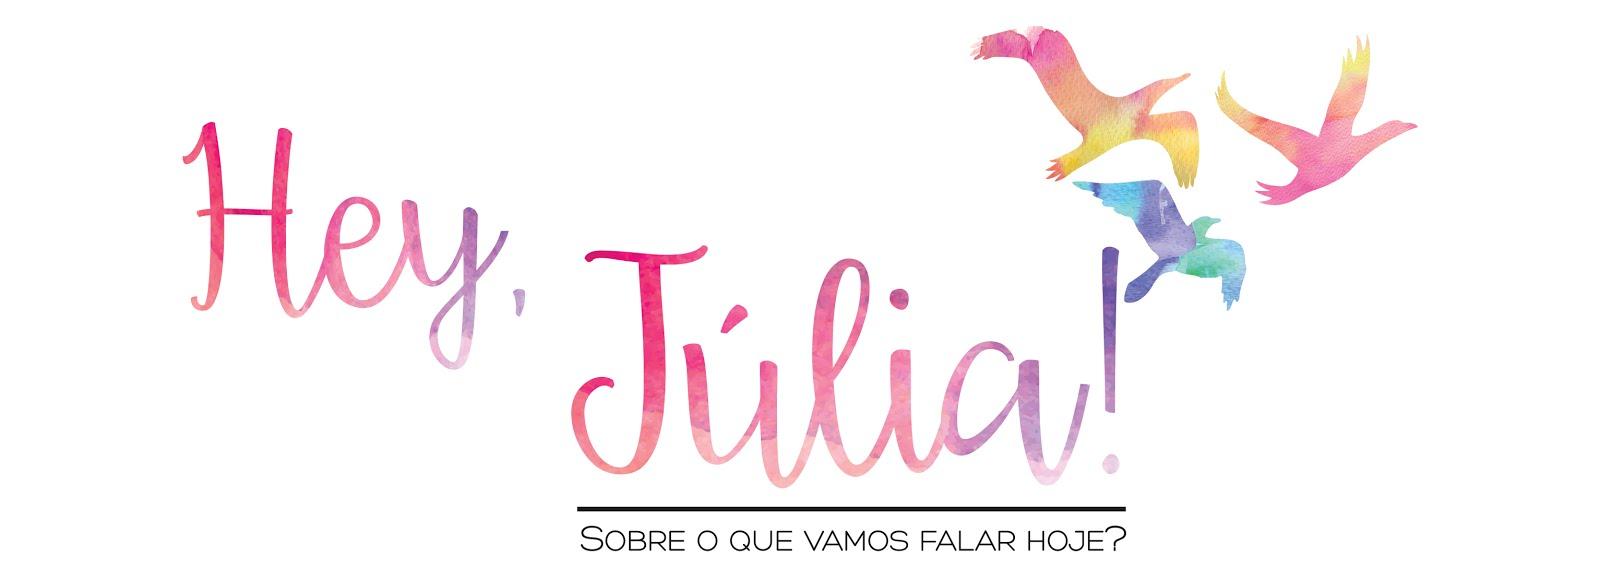 Hey, Júlia!